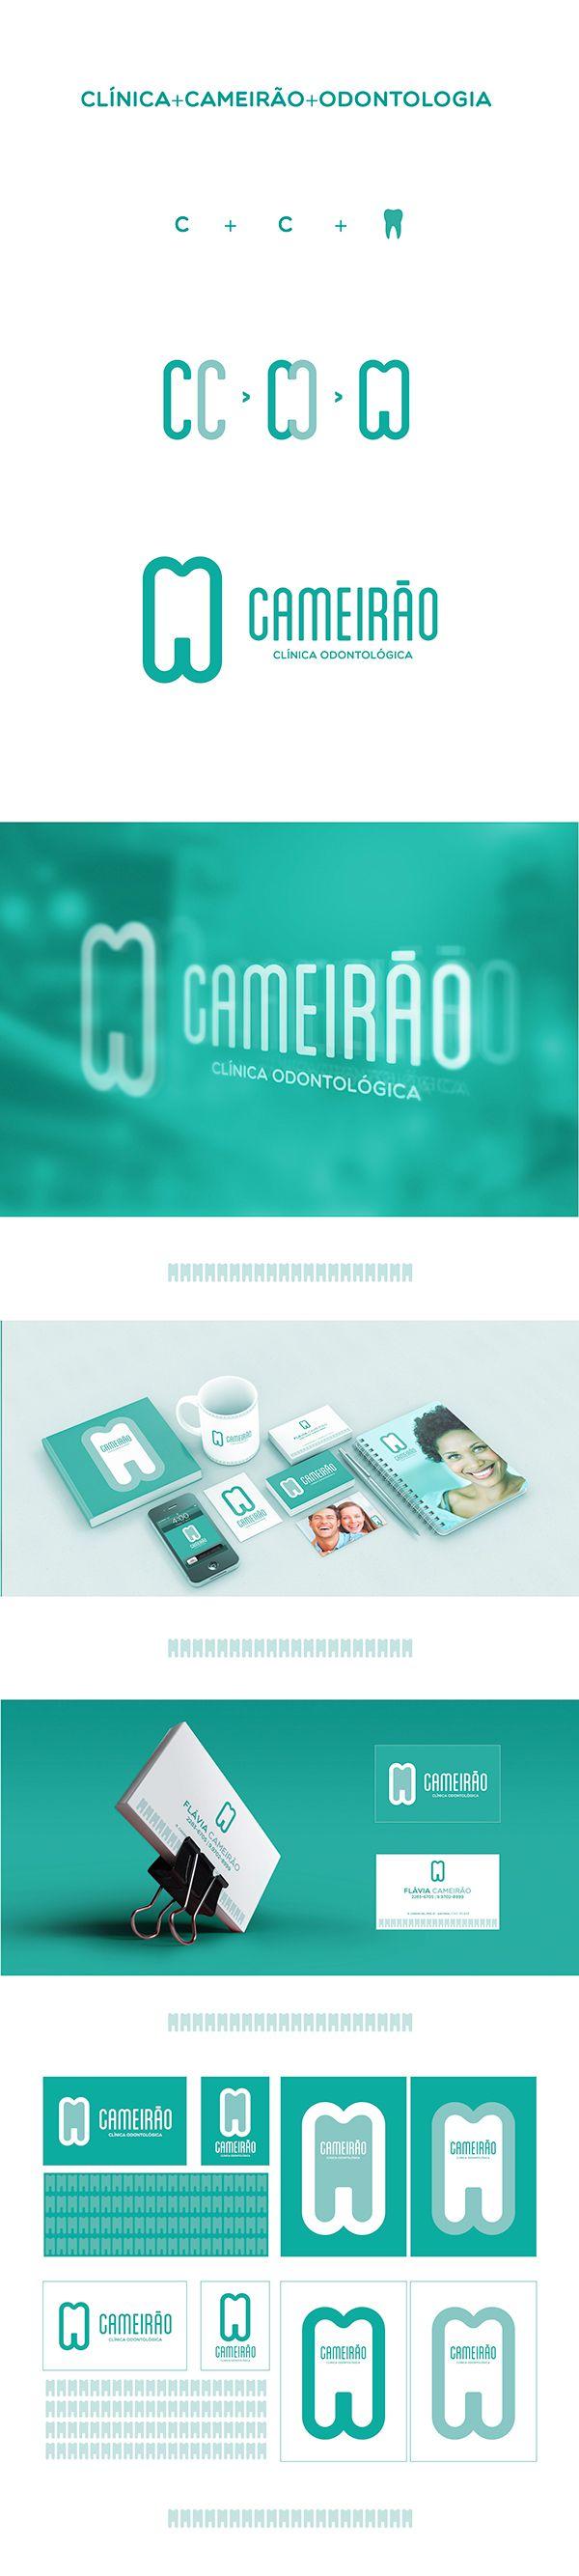 CLÍNICA CAMEIRÃO DE ODONTOLOGIA - Branding on Behance